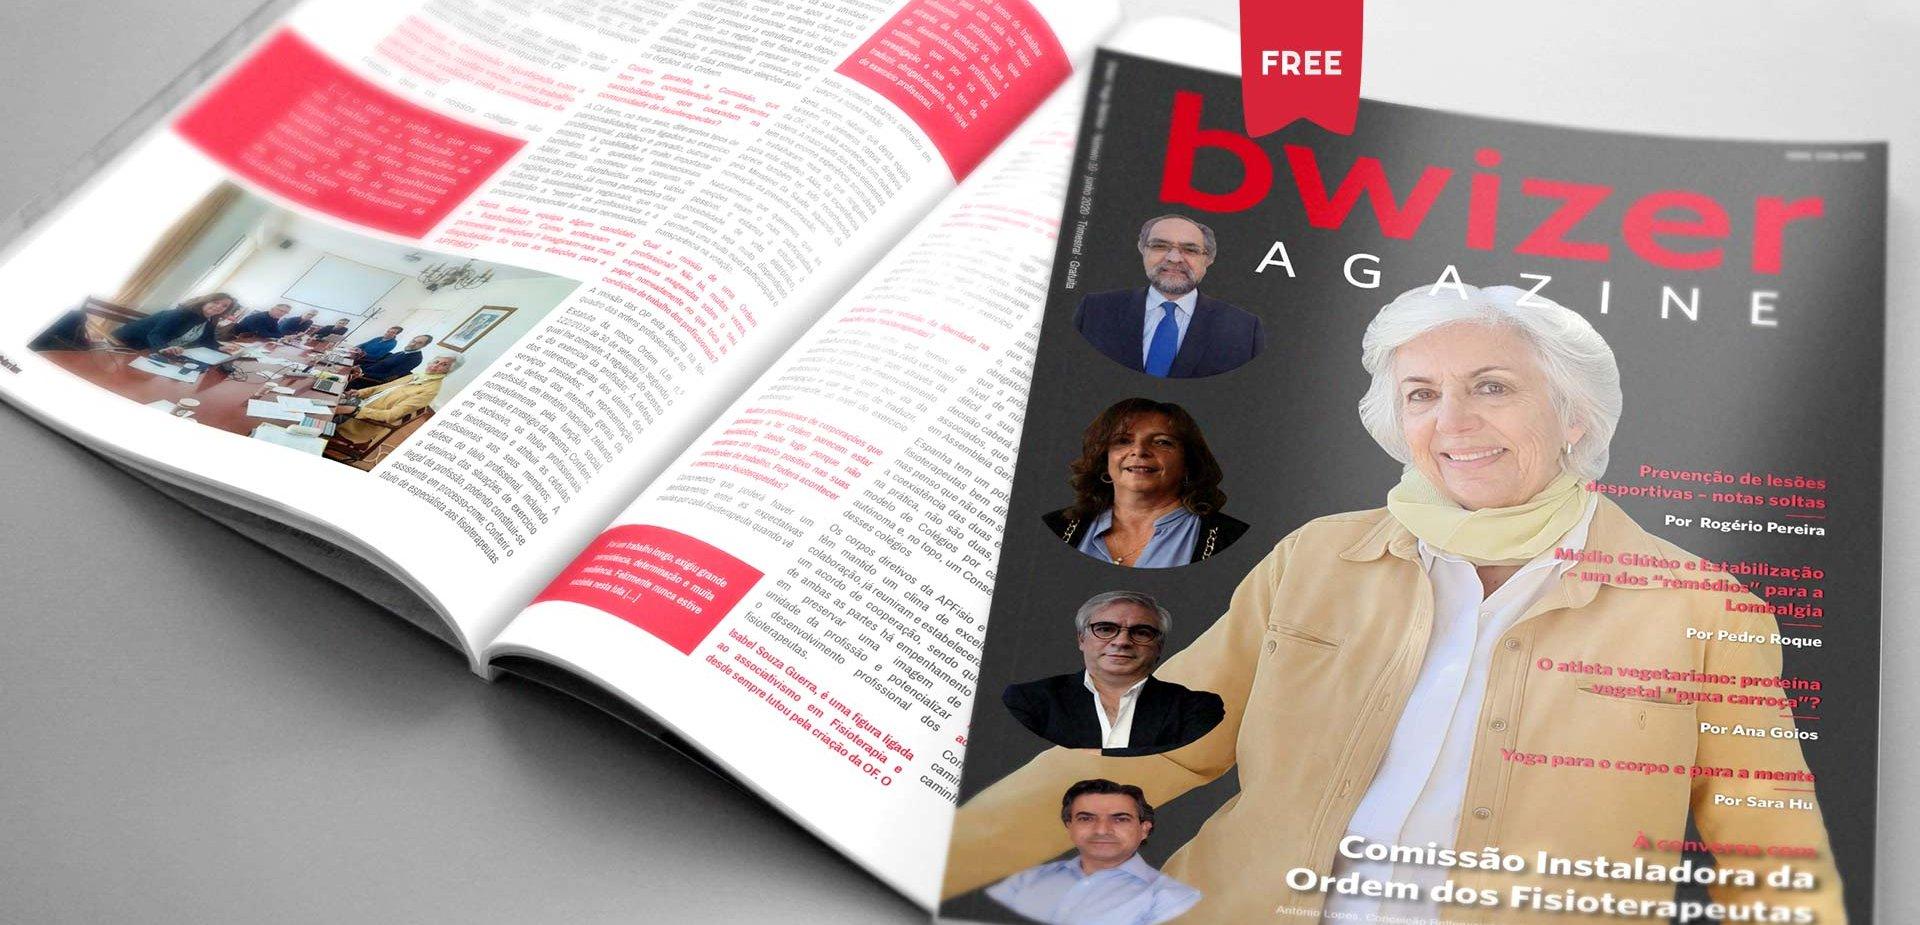 À conversa com Comissão Instaladora da Ordem dos Fisioterapeutas (Bwizer Magazine)